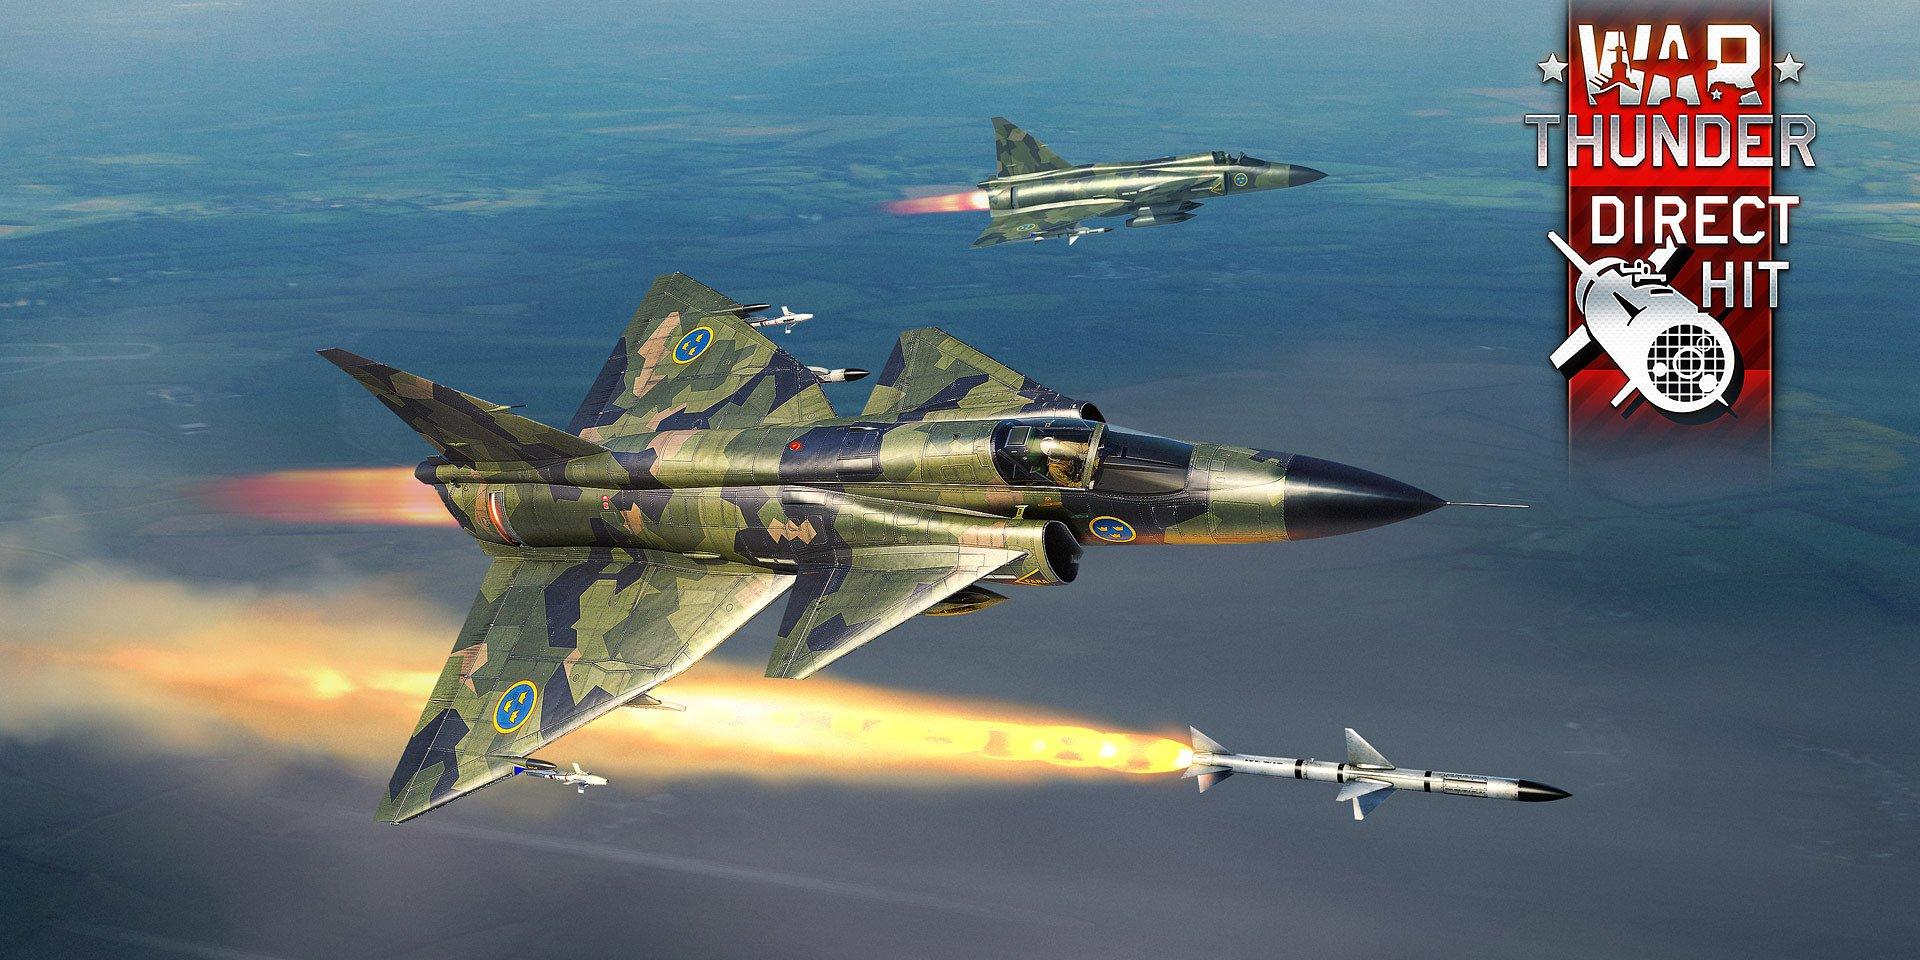 Hra War Thunder si získává srdce fanoušků švédského letectví